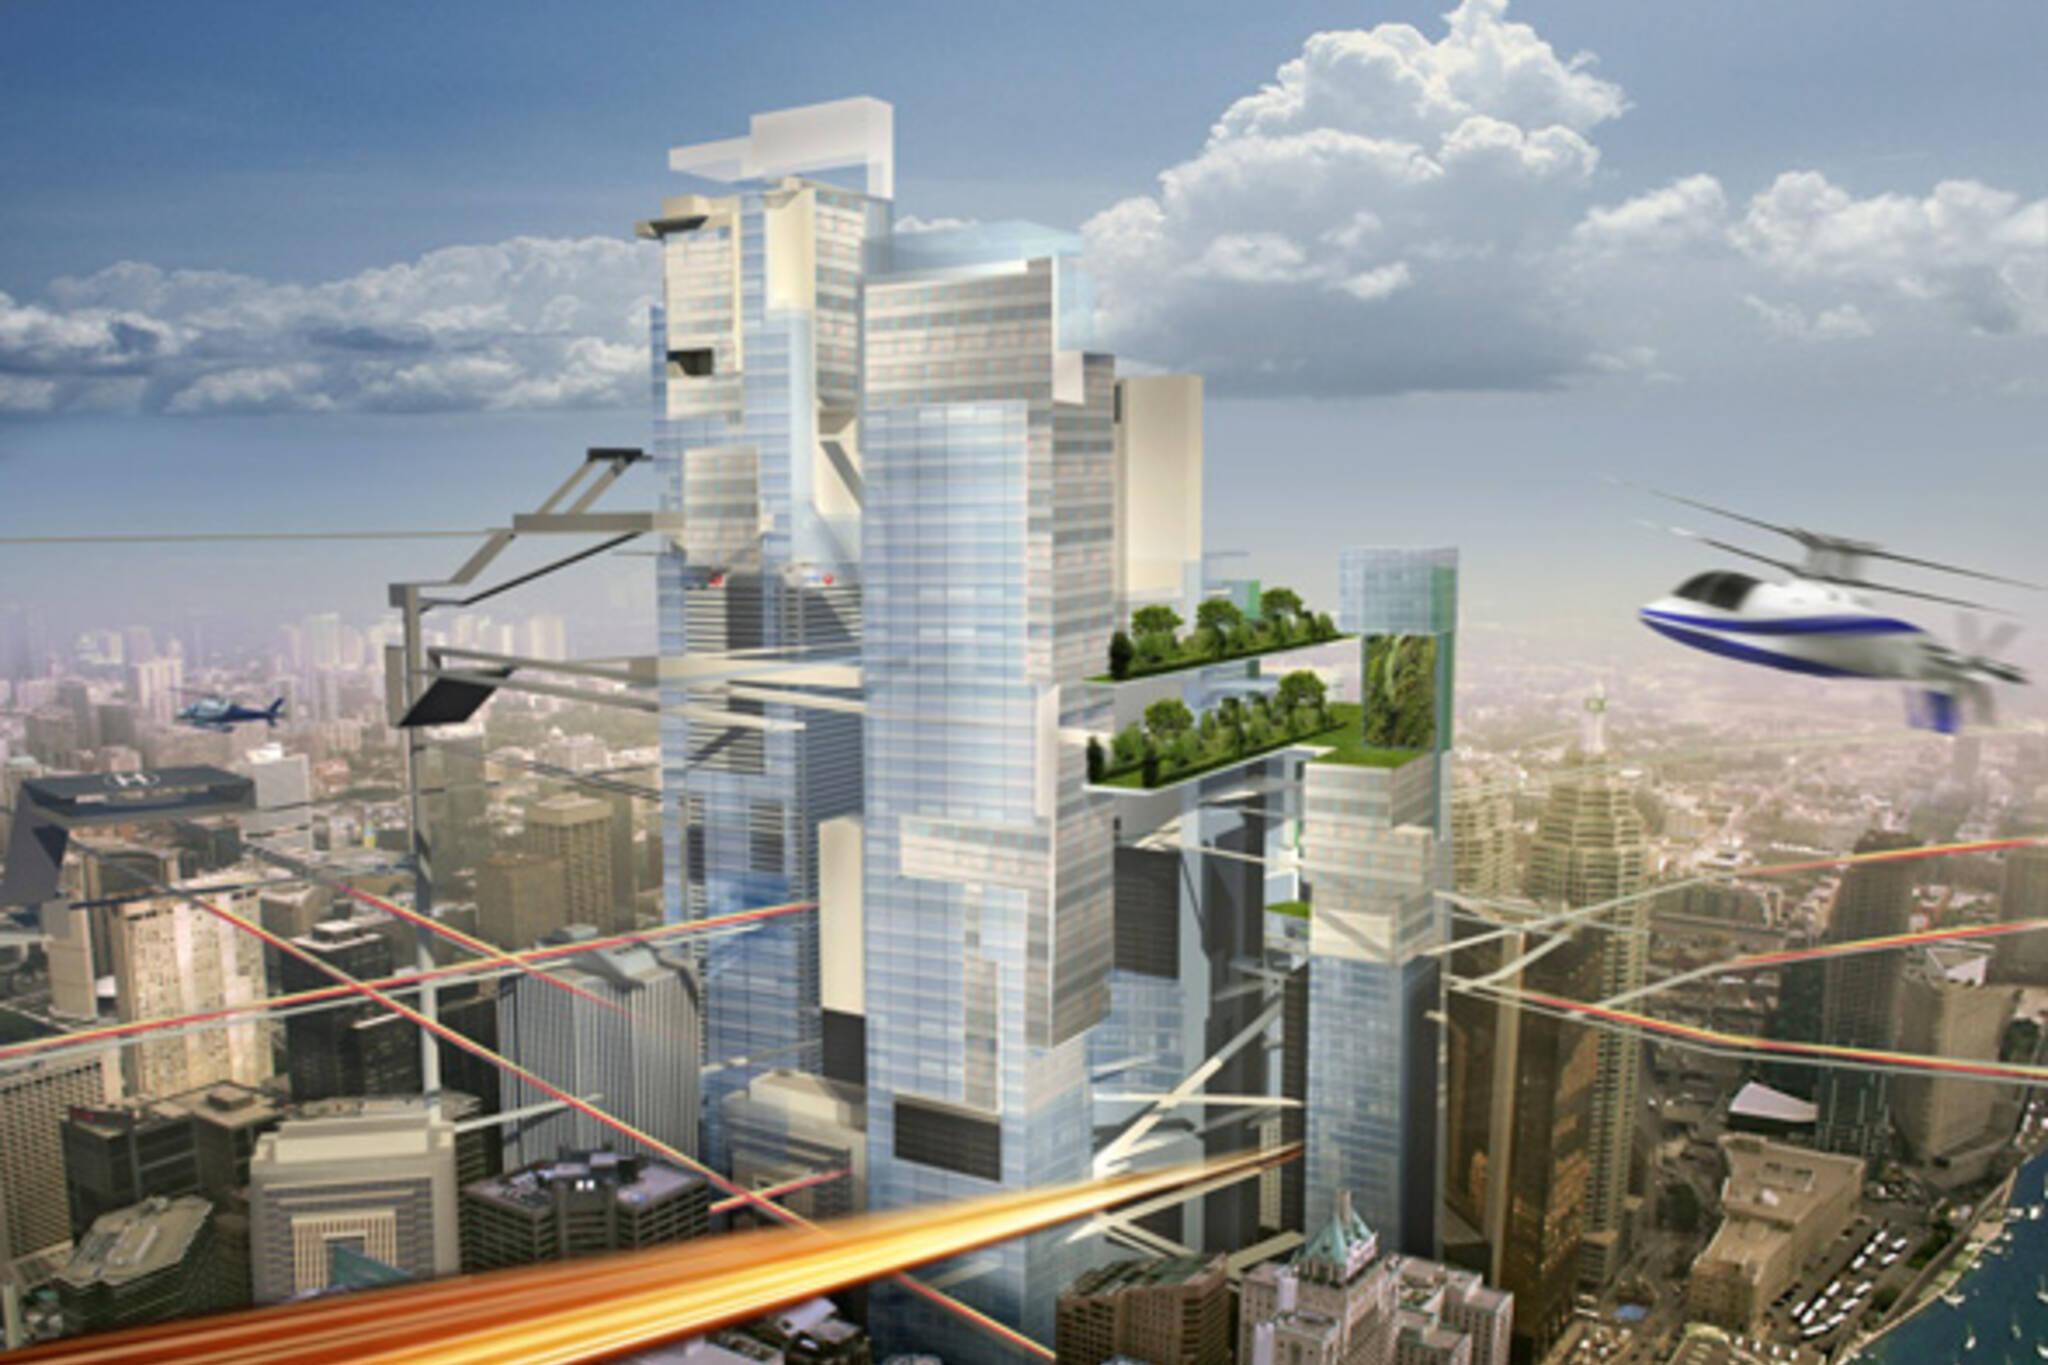 Future Architecture Toronto